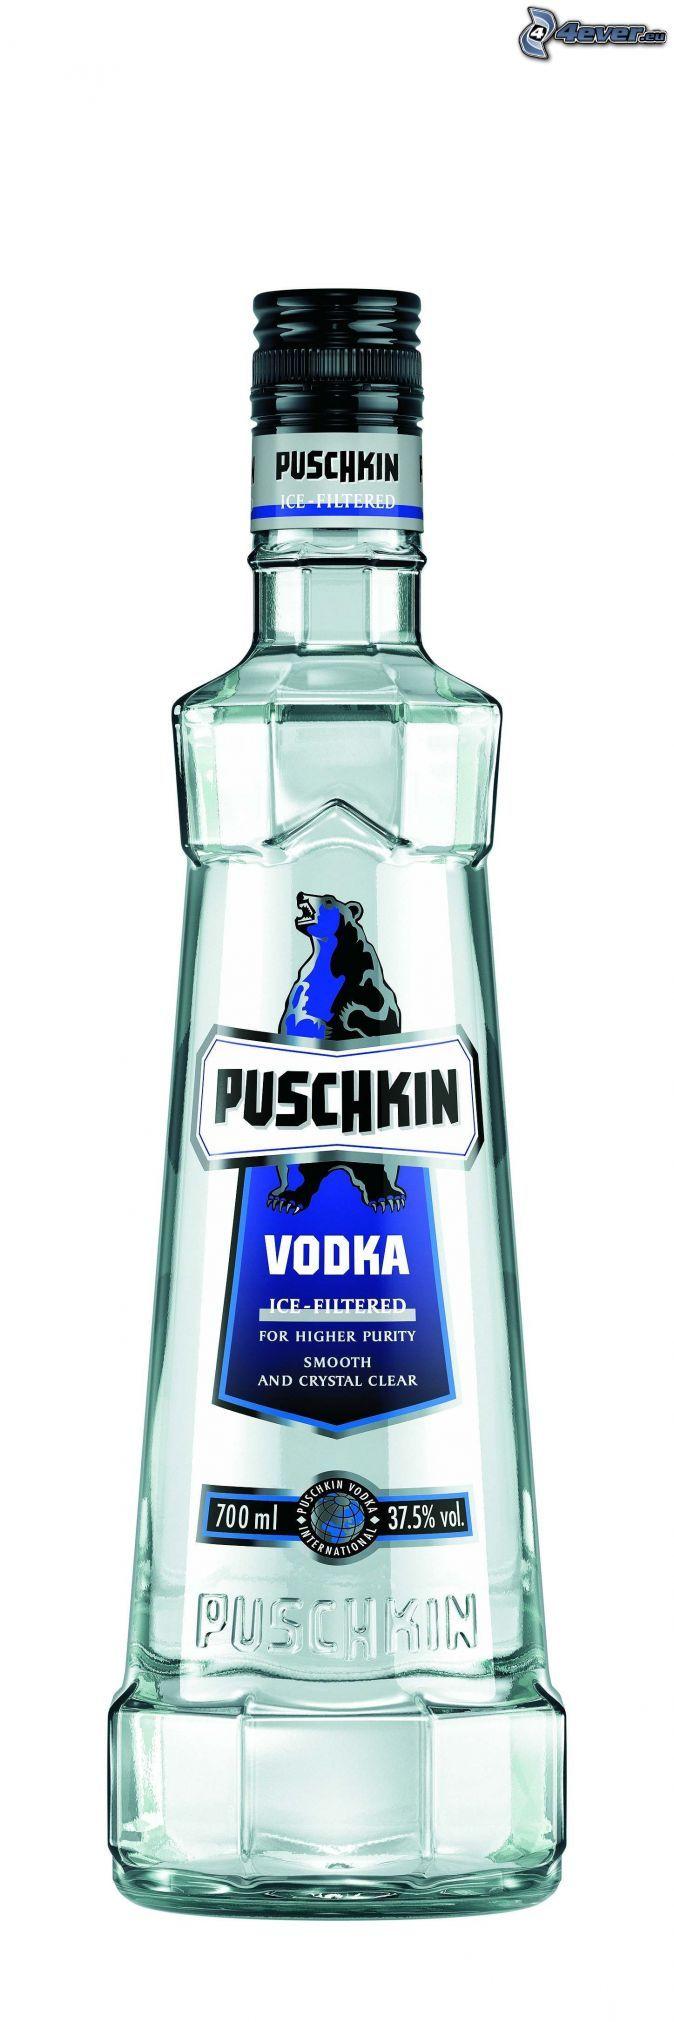 Puschkin la vodka, alcool